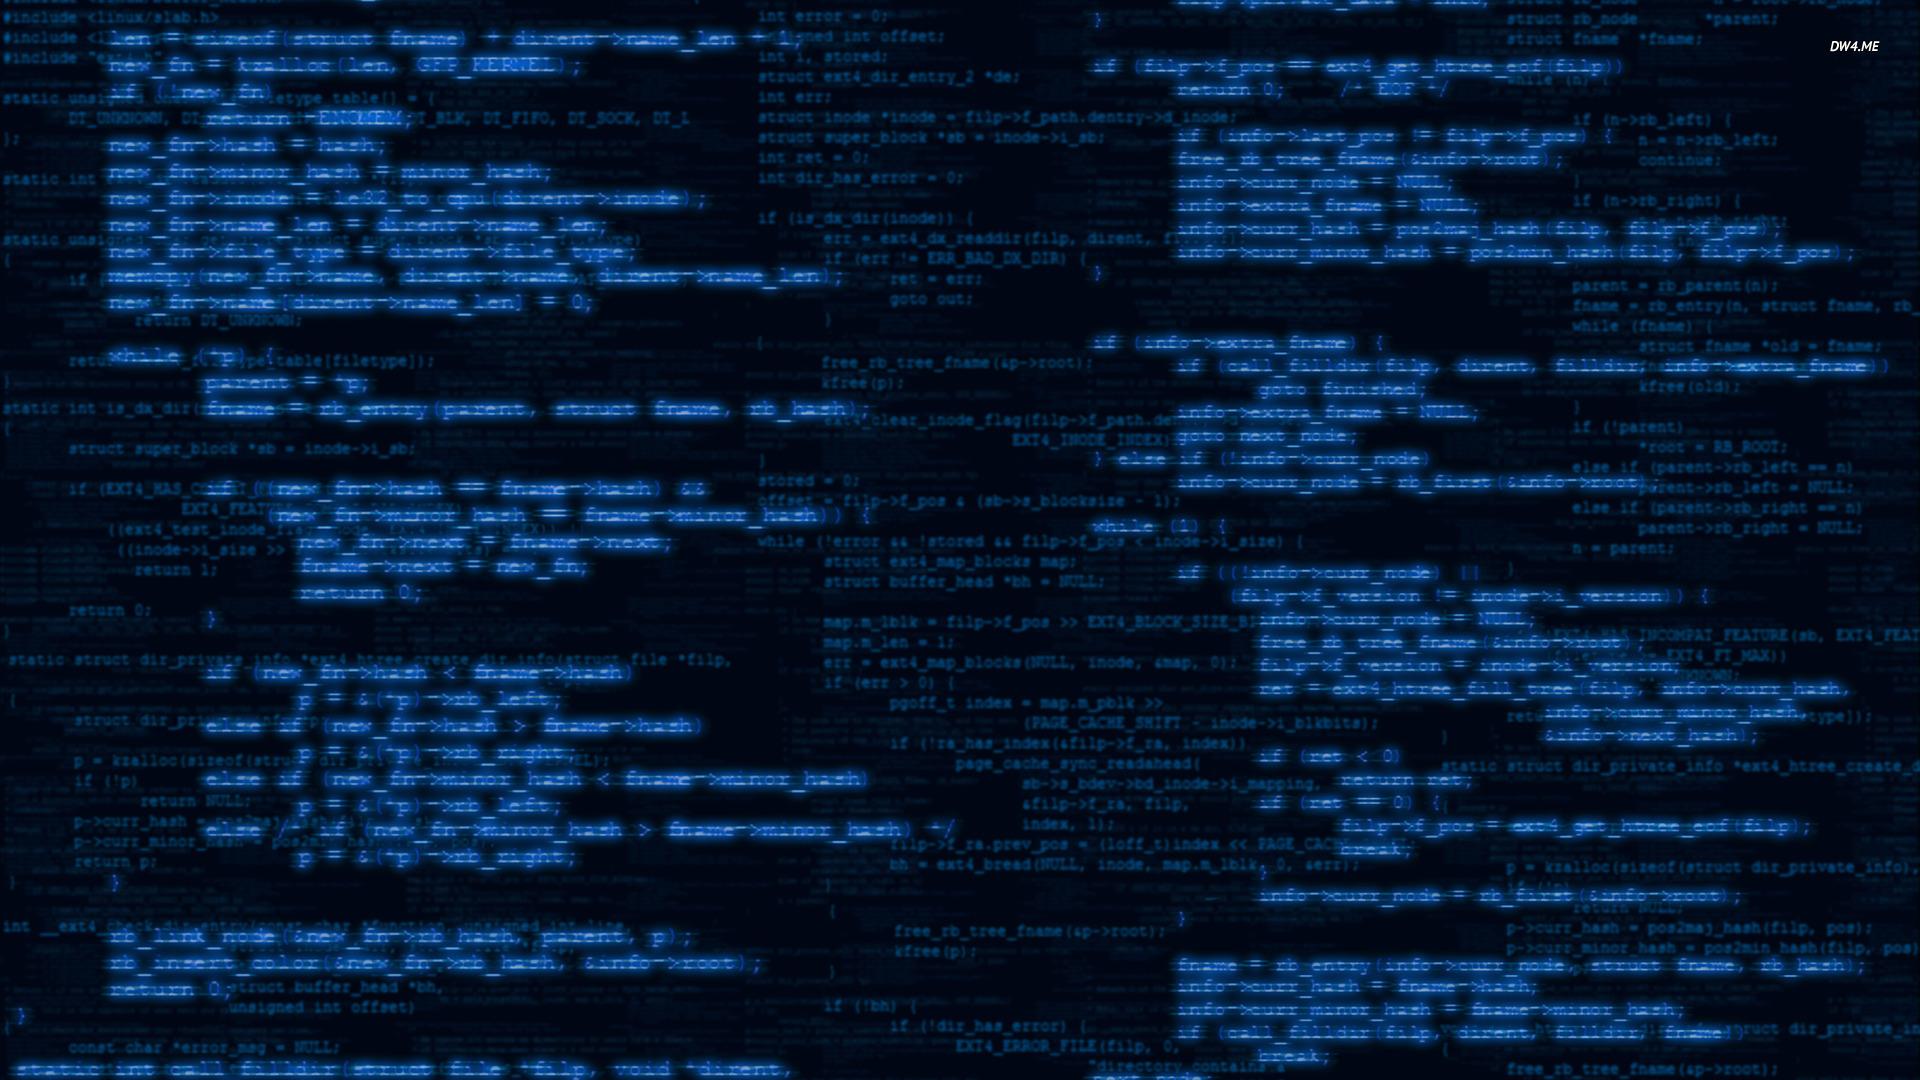 Source code wallpaper   648020 1920x1080